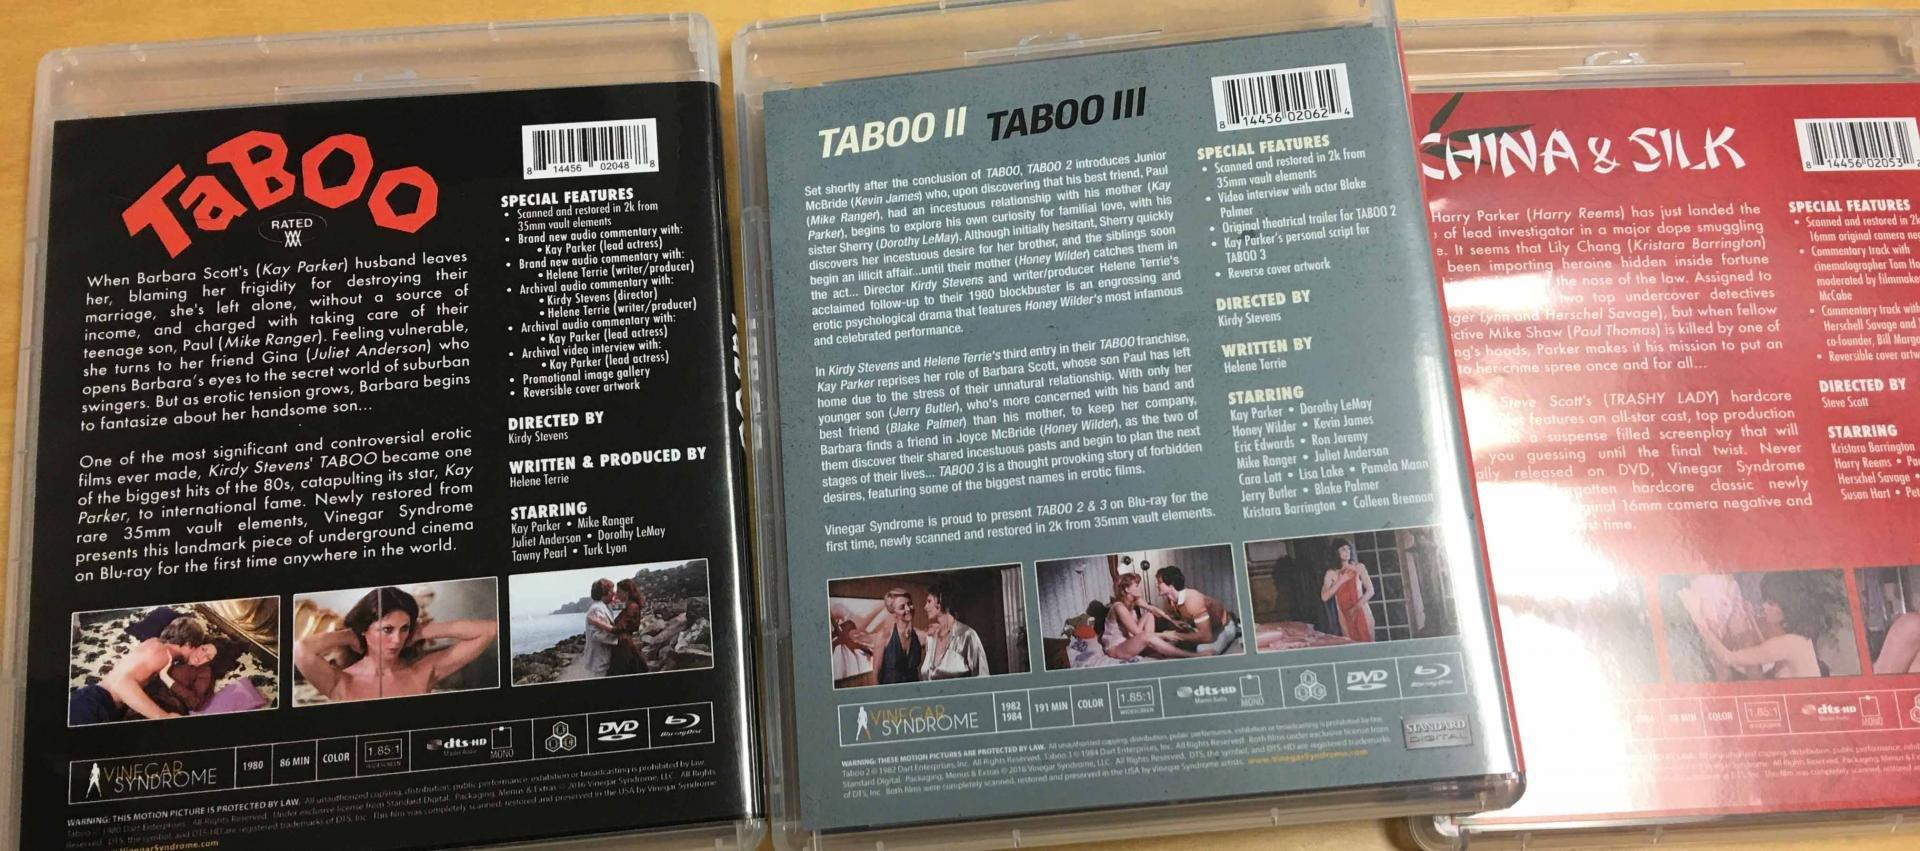 Ii taboo TABOO 2